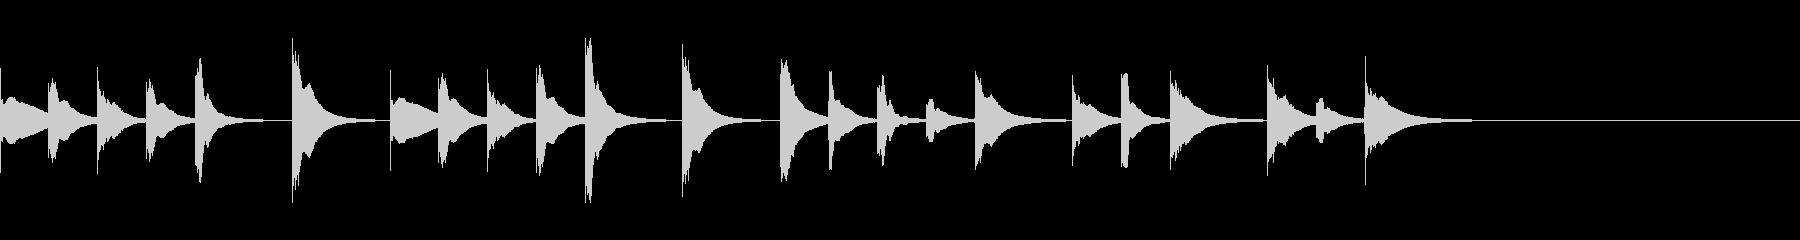 可愛い木琴のジングル2/動物/睡眠の未再生の波形